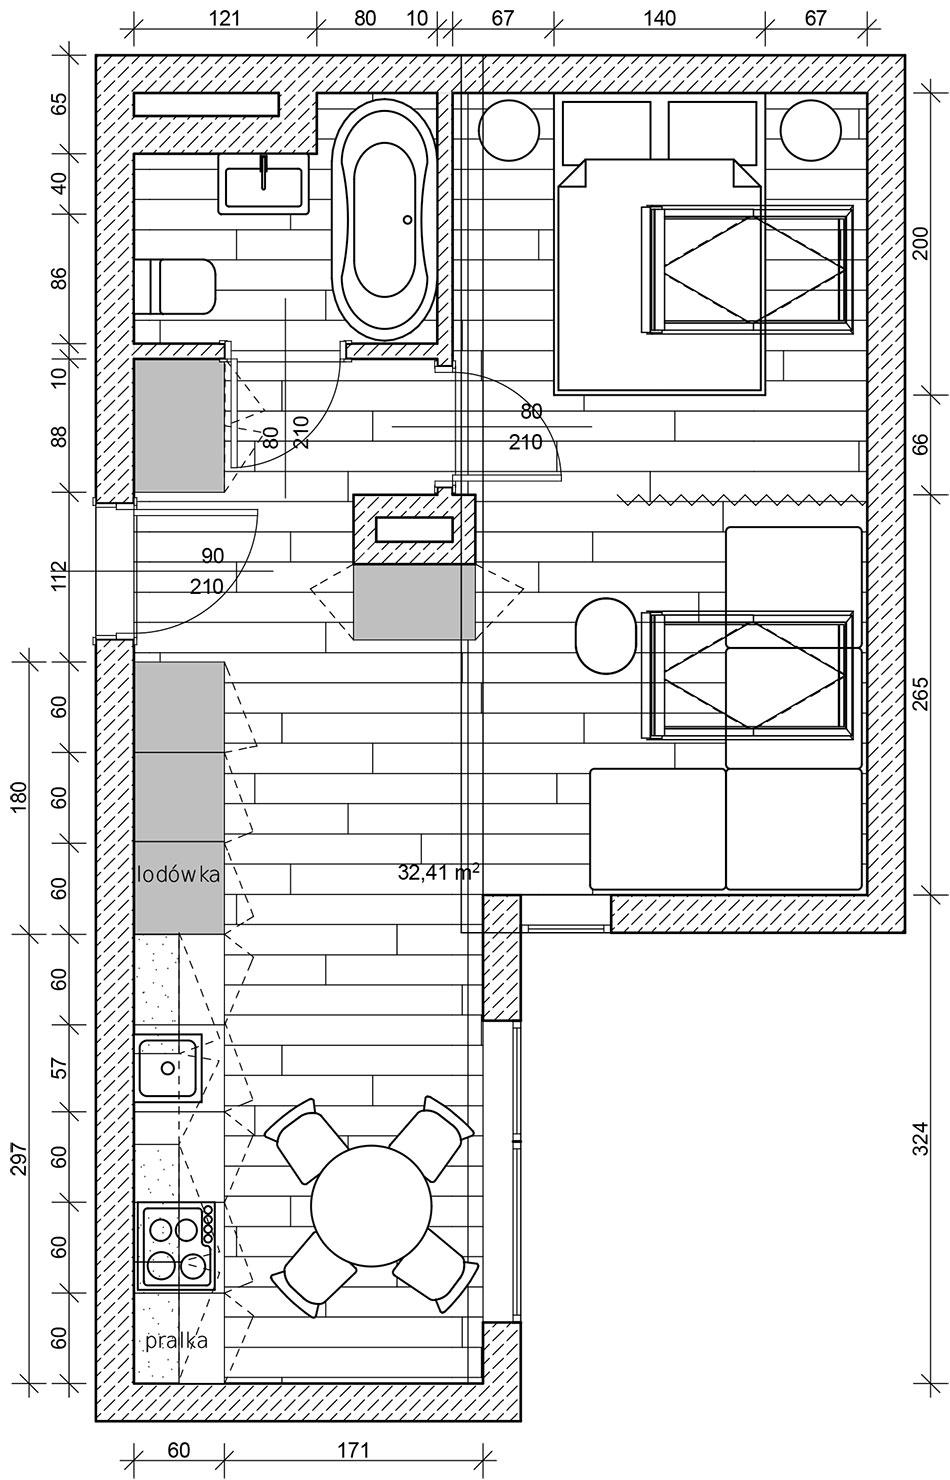 Plan apartamentu wstylu glamour